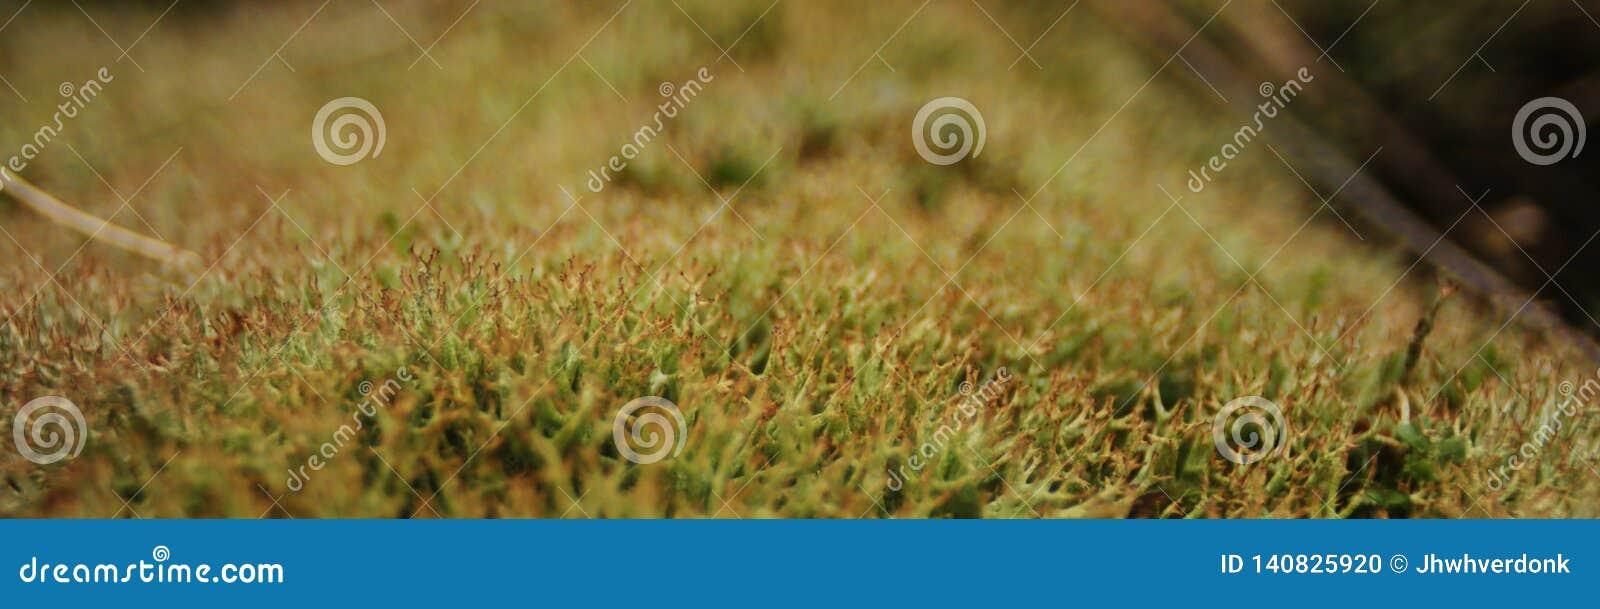 Foto macra alargada del musgo verde, mostrando claramente la estructura ramificada